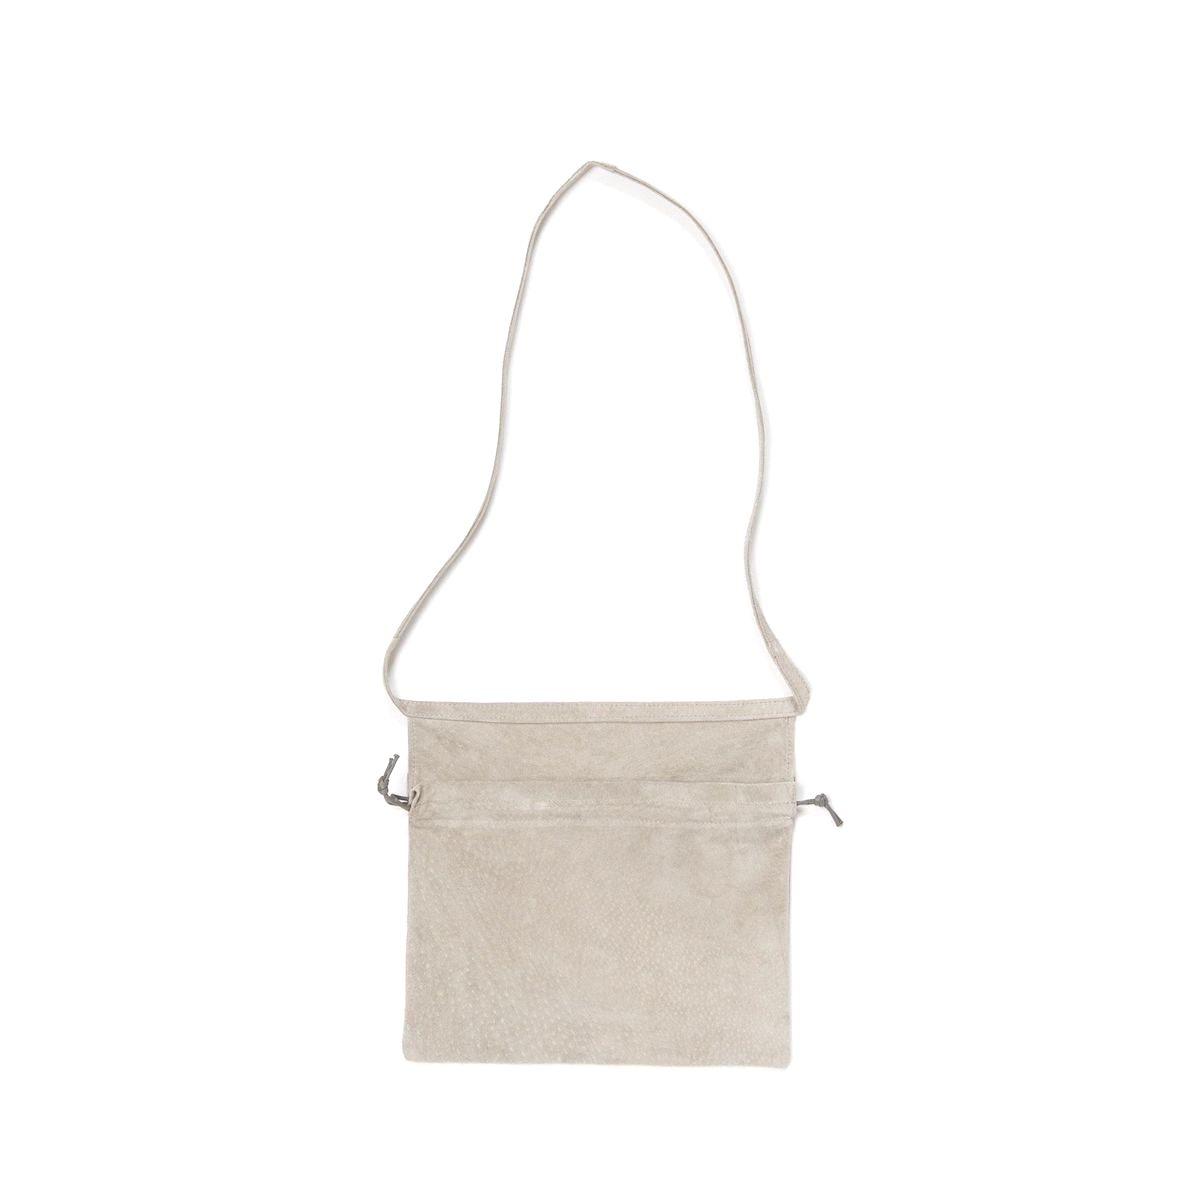 Hender Scheme / red cross bag small Light Gray